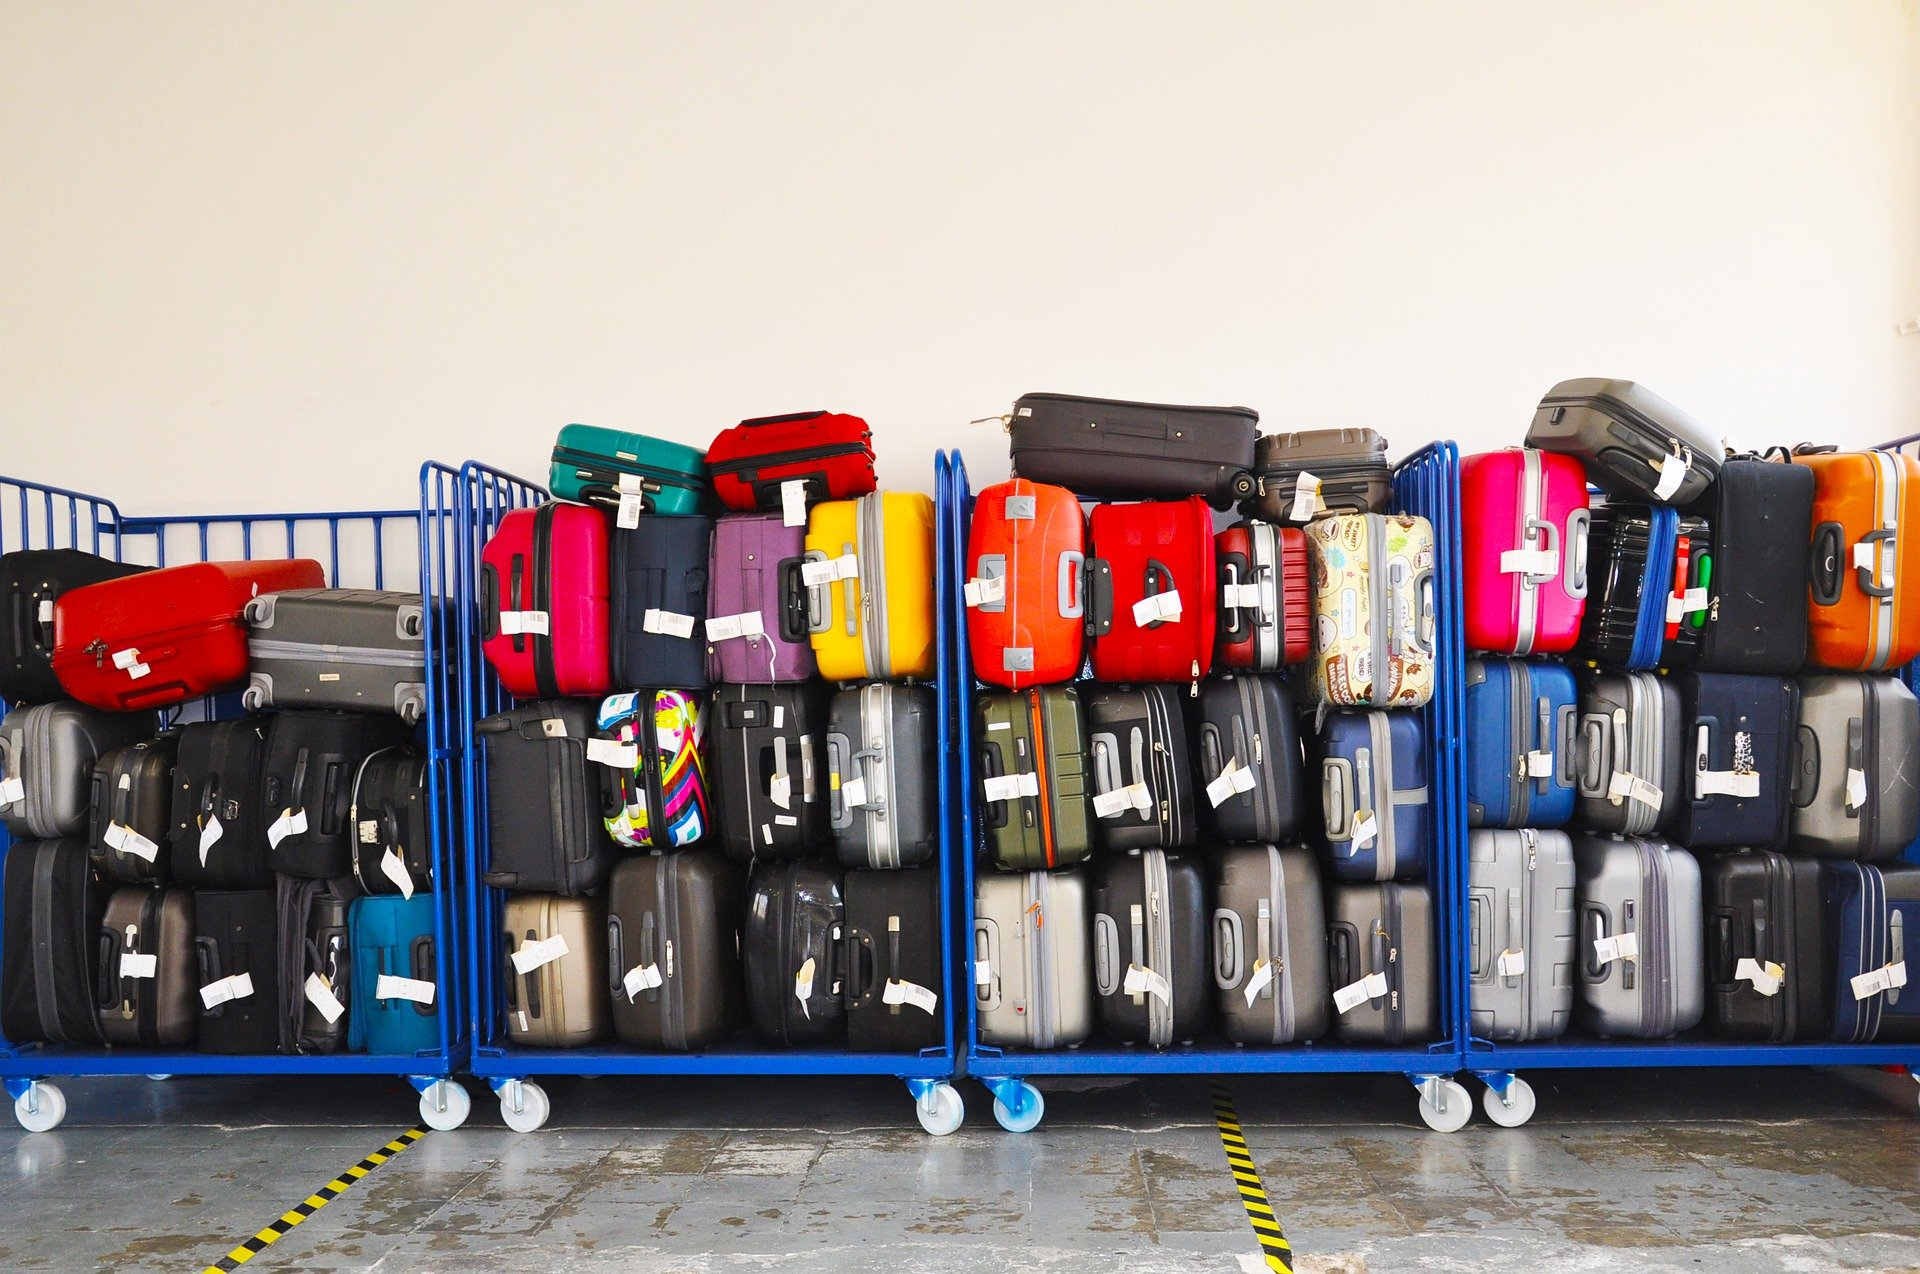 Comment alléger votre bagage émotionnel ?